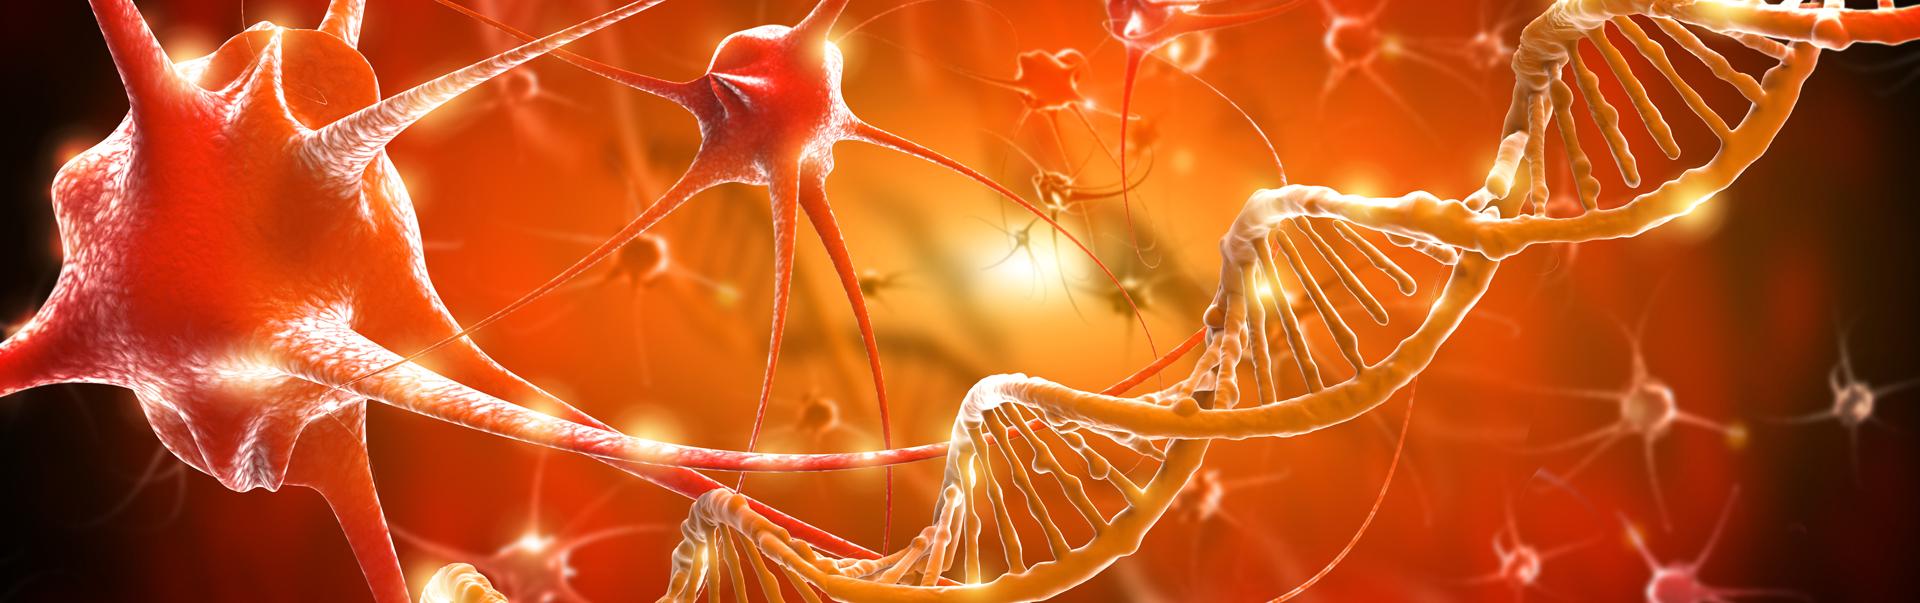 Noi subtipuri de Scleroză Multiplă identificate cu ajutorul inteligenței artificiale (AI)